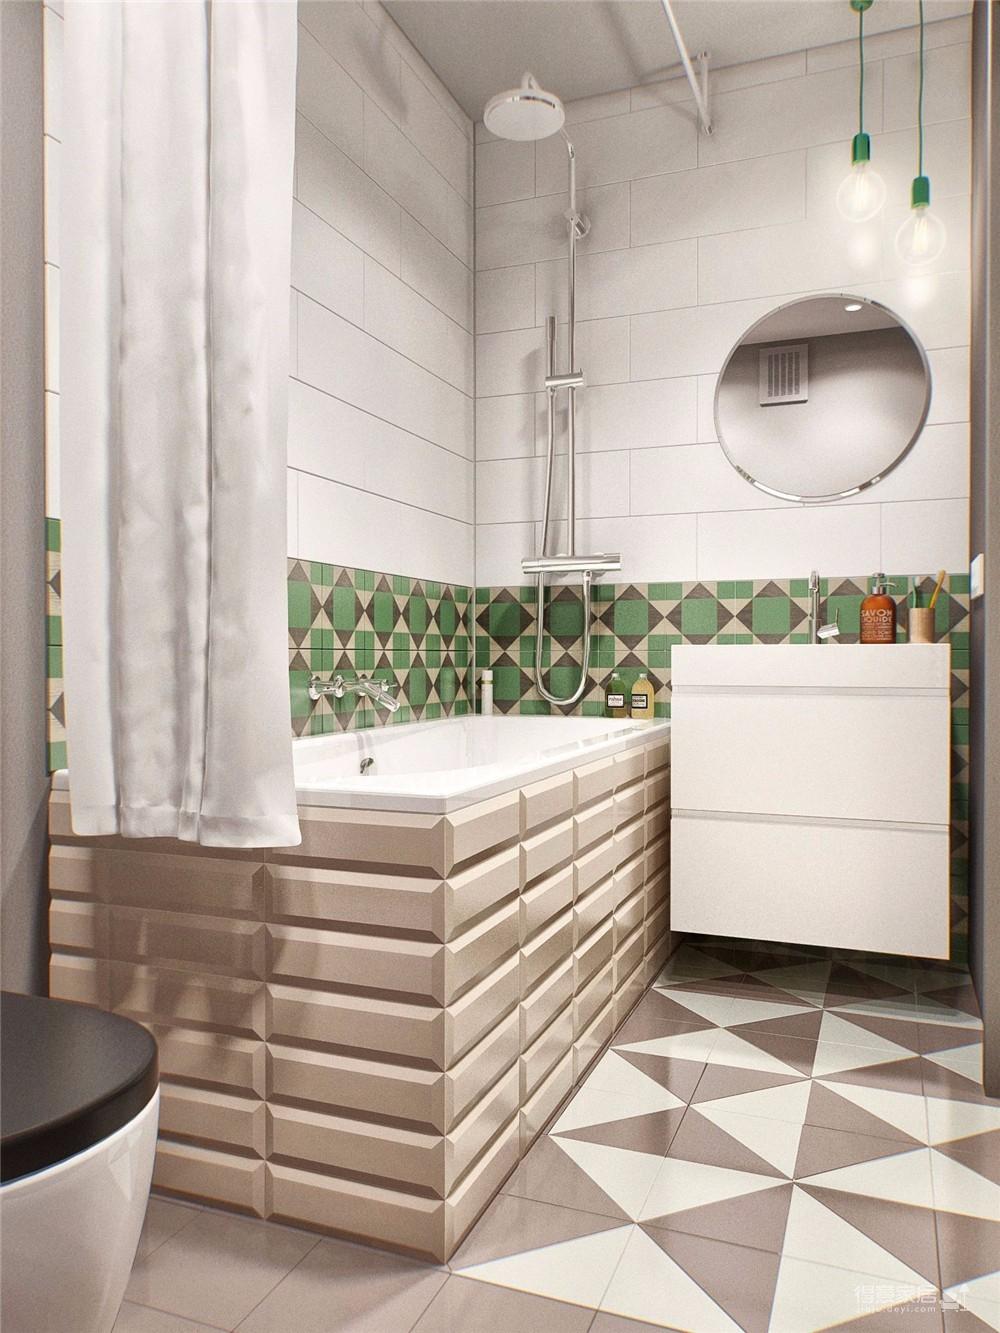 金茂国际公寓45平北欧风图_10